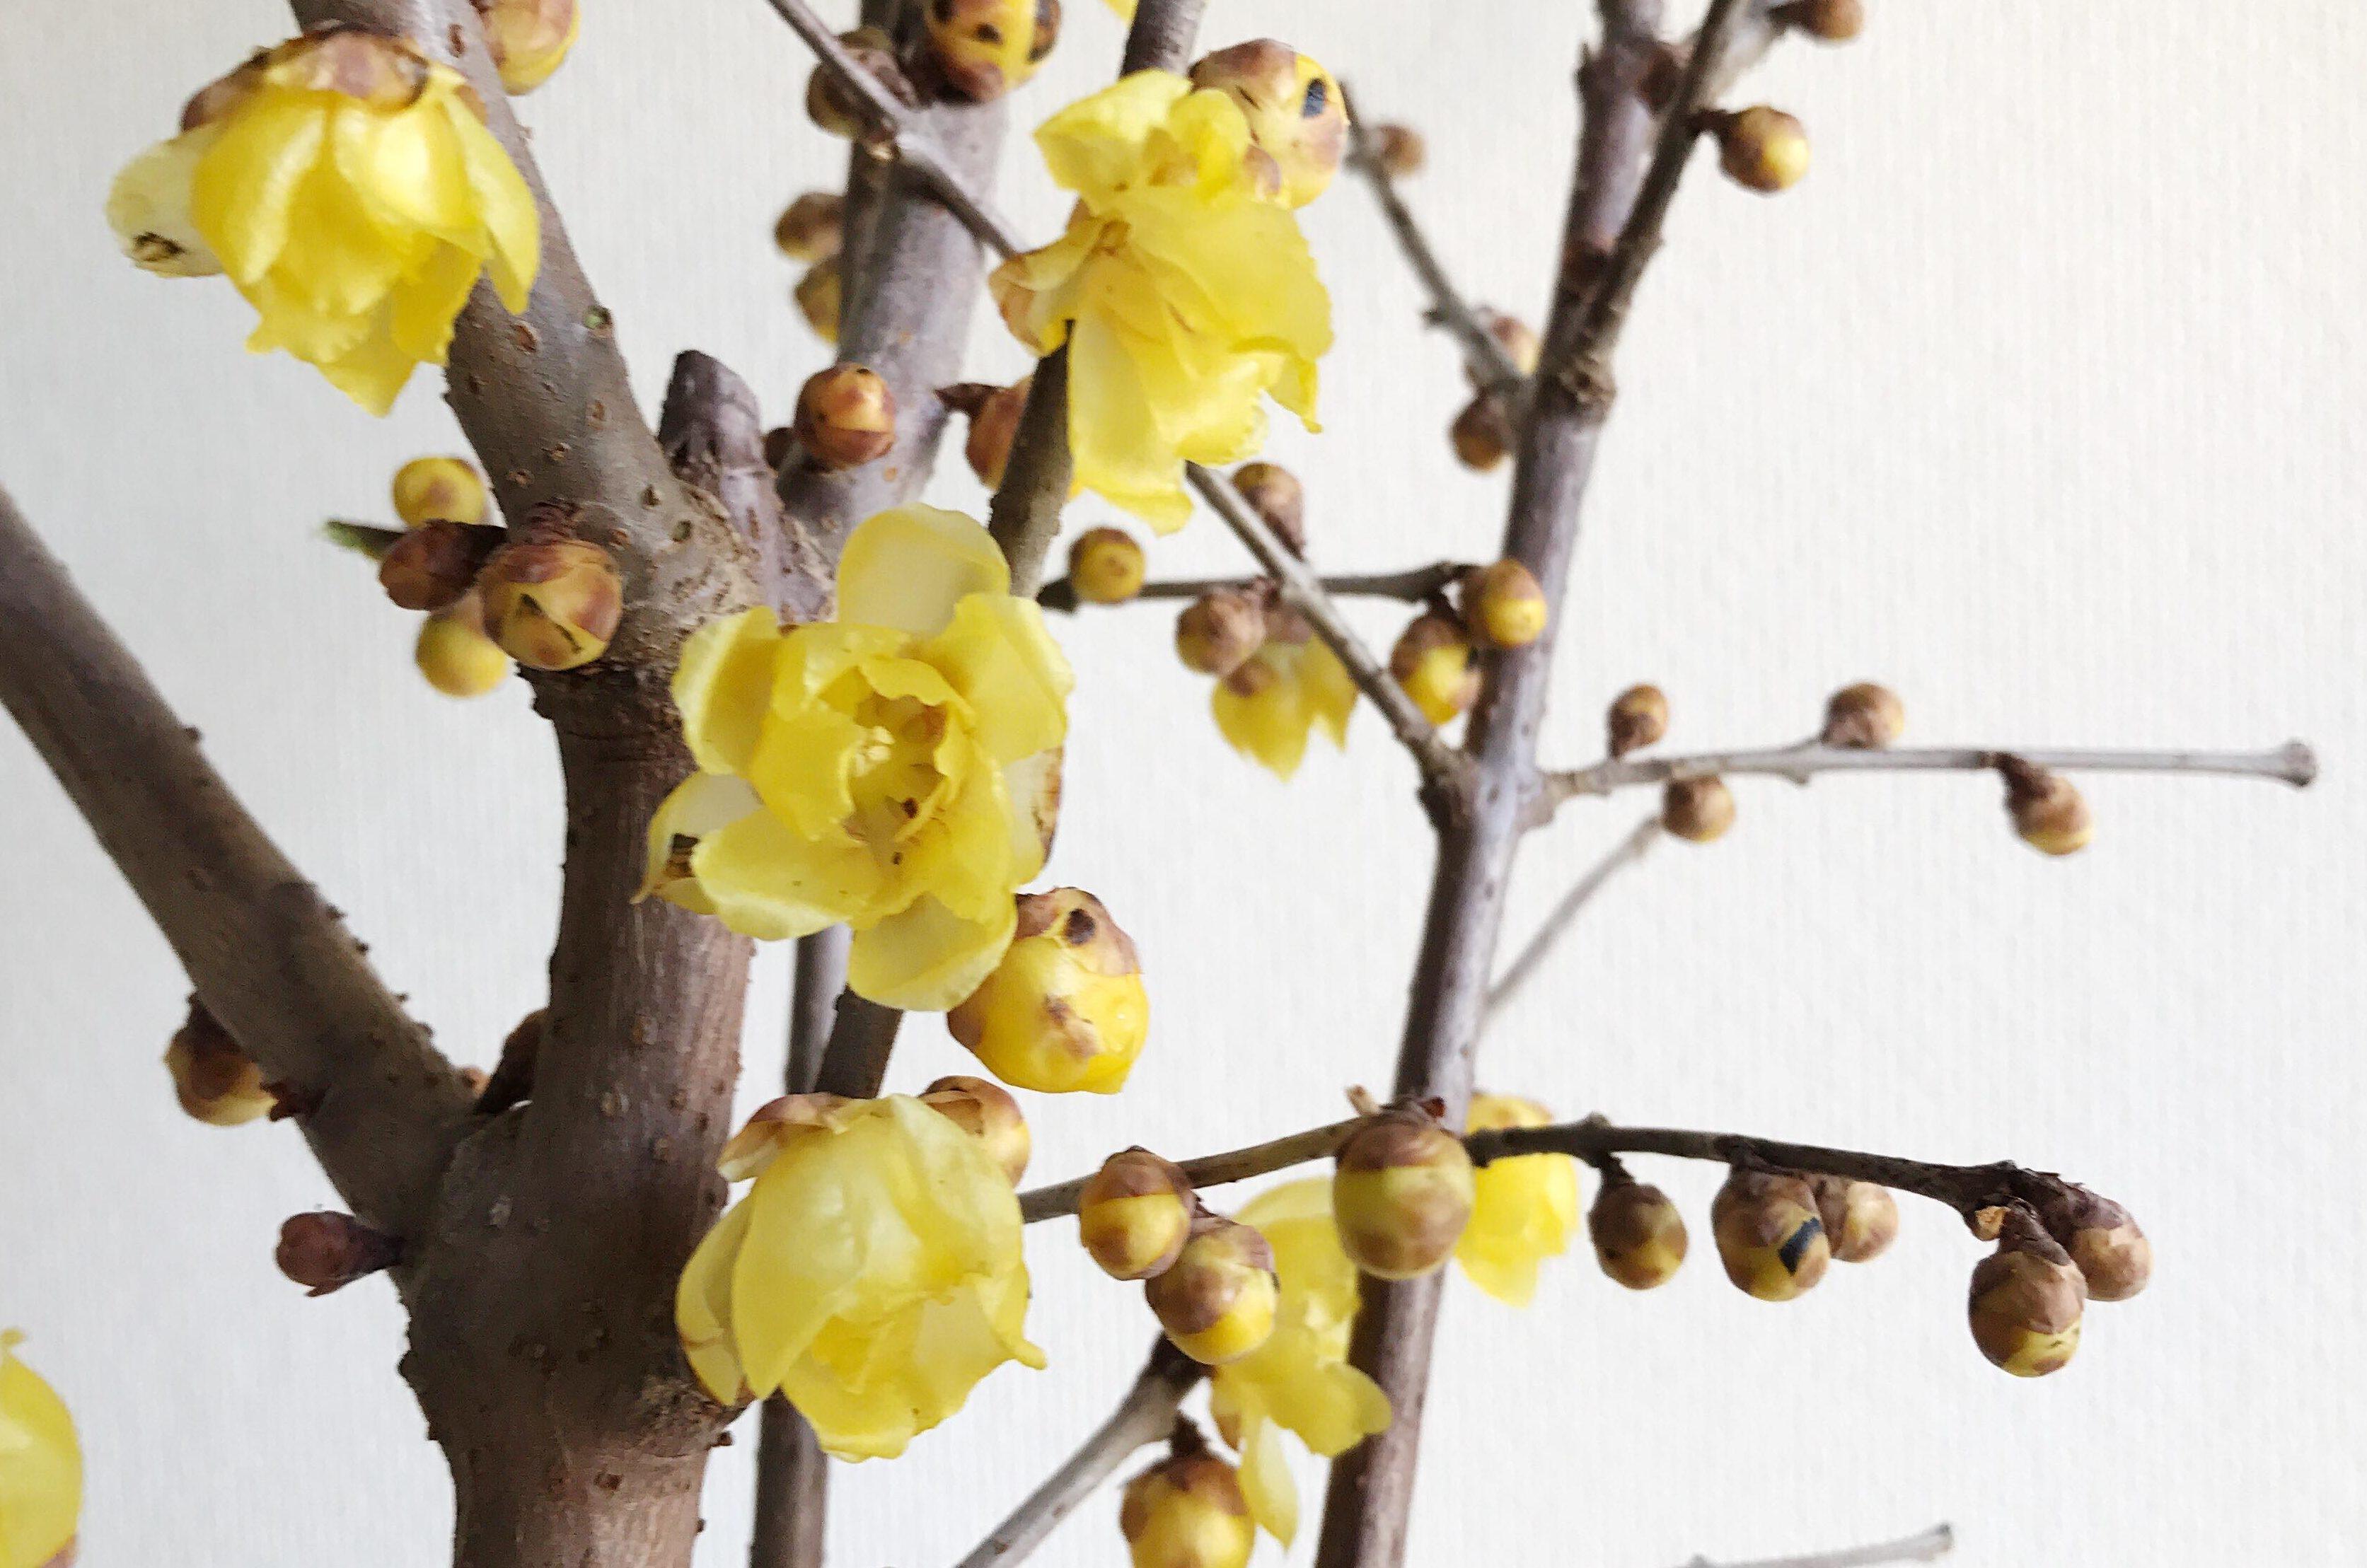 """蝋梅(ロウバイ)の名前 古くから和歌や 画題にもされてきた魅力のある蝋梅(ロウバイ)の名前の由来は様々で、中国名「蝋梅(ラ ーメイ)」を日本語読みしたもの、花の色や光沢が蜜蝋(みつろう)を連想させるから、臘月(陰暦の 12 月)に 花が咲くからなどがあります。英名では""""Winter sweet""""と呼ばれています。寒い冬に甘い香りを放つ蝋梅(ロウバイ)にぴったりの名前ですね。   蝋梅(ロウバイ)の花言葉は、慈愛 親が子をいつくしむような深い愛情を意味する、「慈愛」。  寒い冬、蝋梅(ロウバイ)が心にやさしく寄り添ってくれるような花やよい香りであることから、そんな花言葉になったのかもしれません。まだまだ寒いけど、年が明けると春がもうすぐやってきそうな気がします。蝋梅(ロウバイ)のよい香りにときめきな がらたくさんの植物が芽吹く季節を待ちましょう。"""